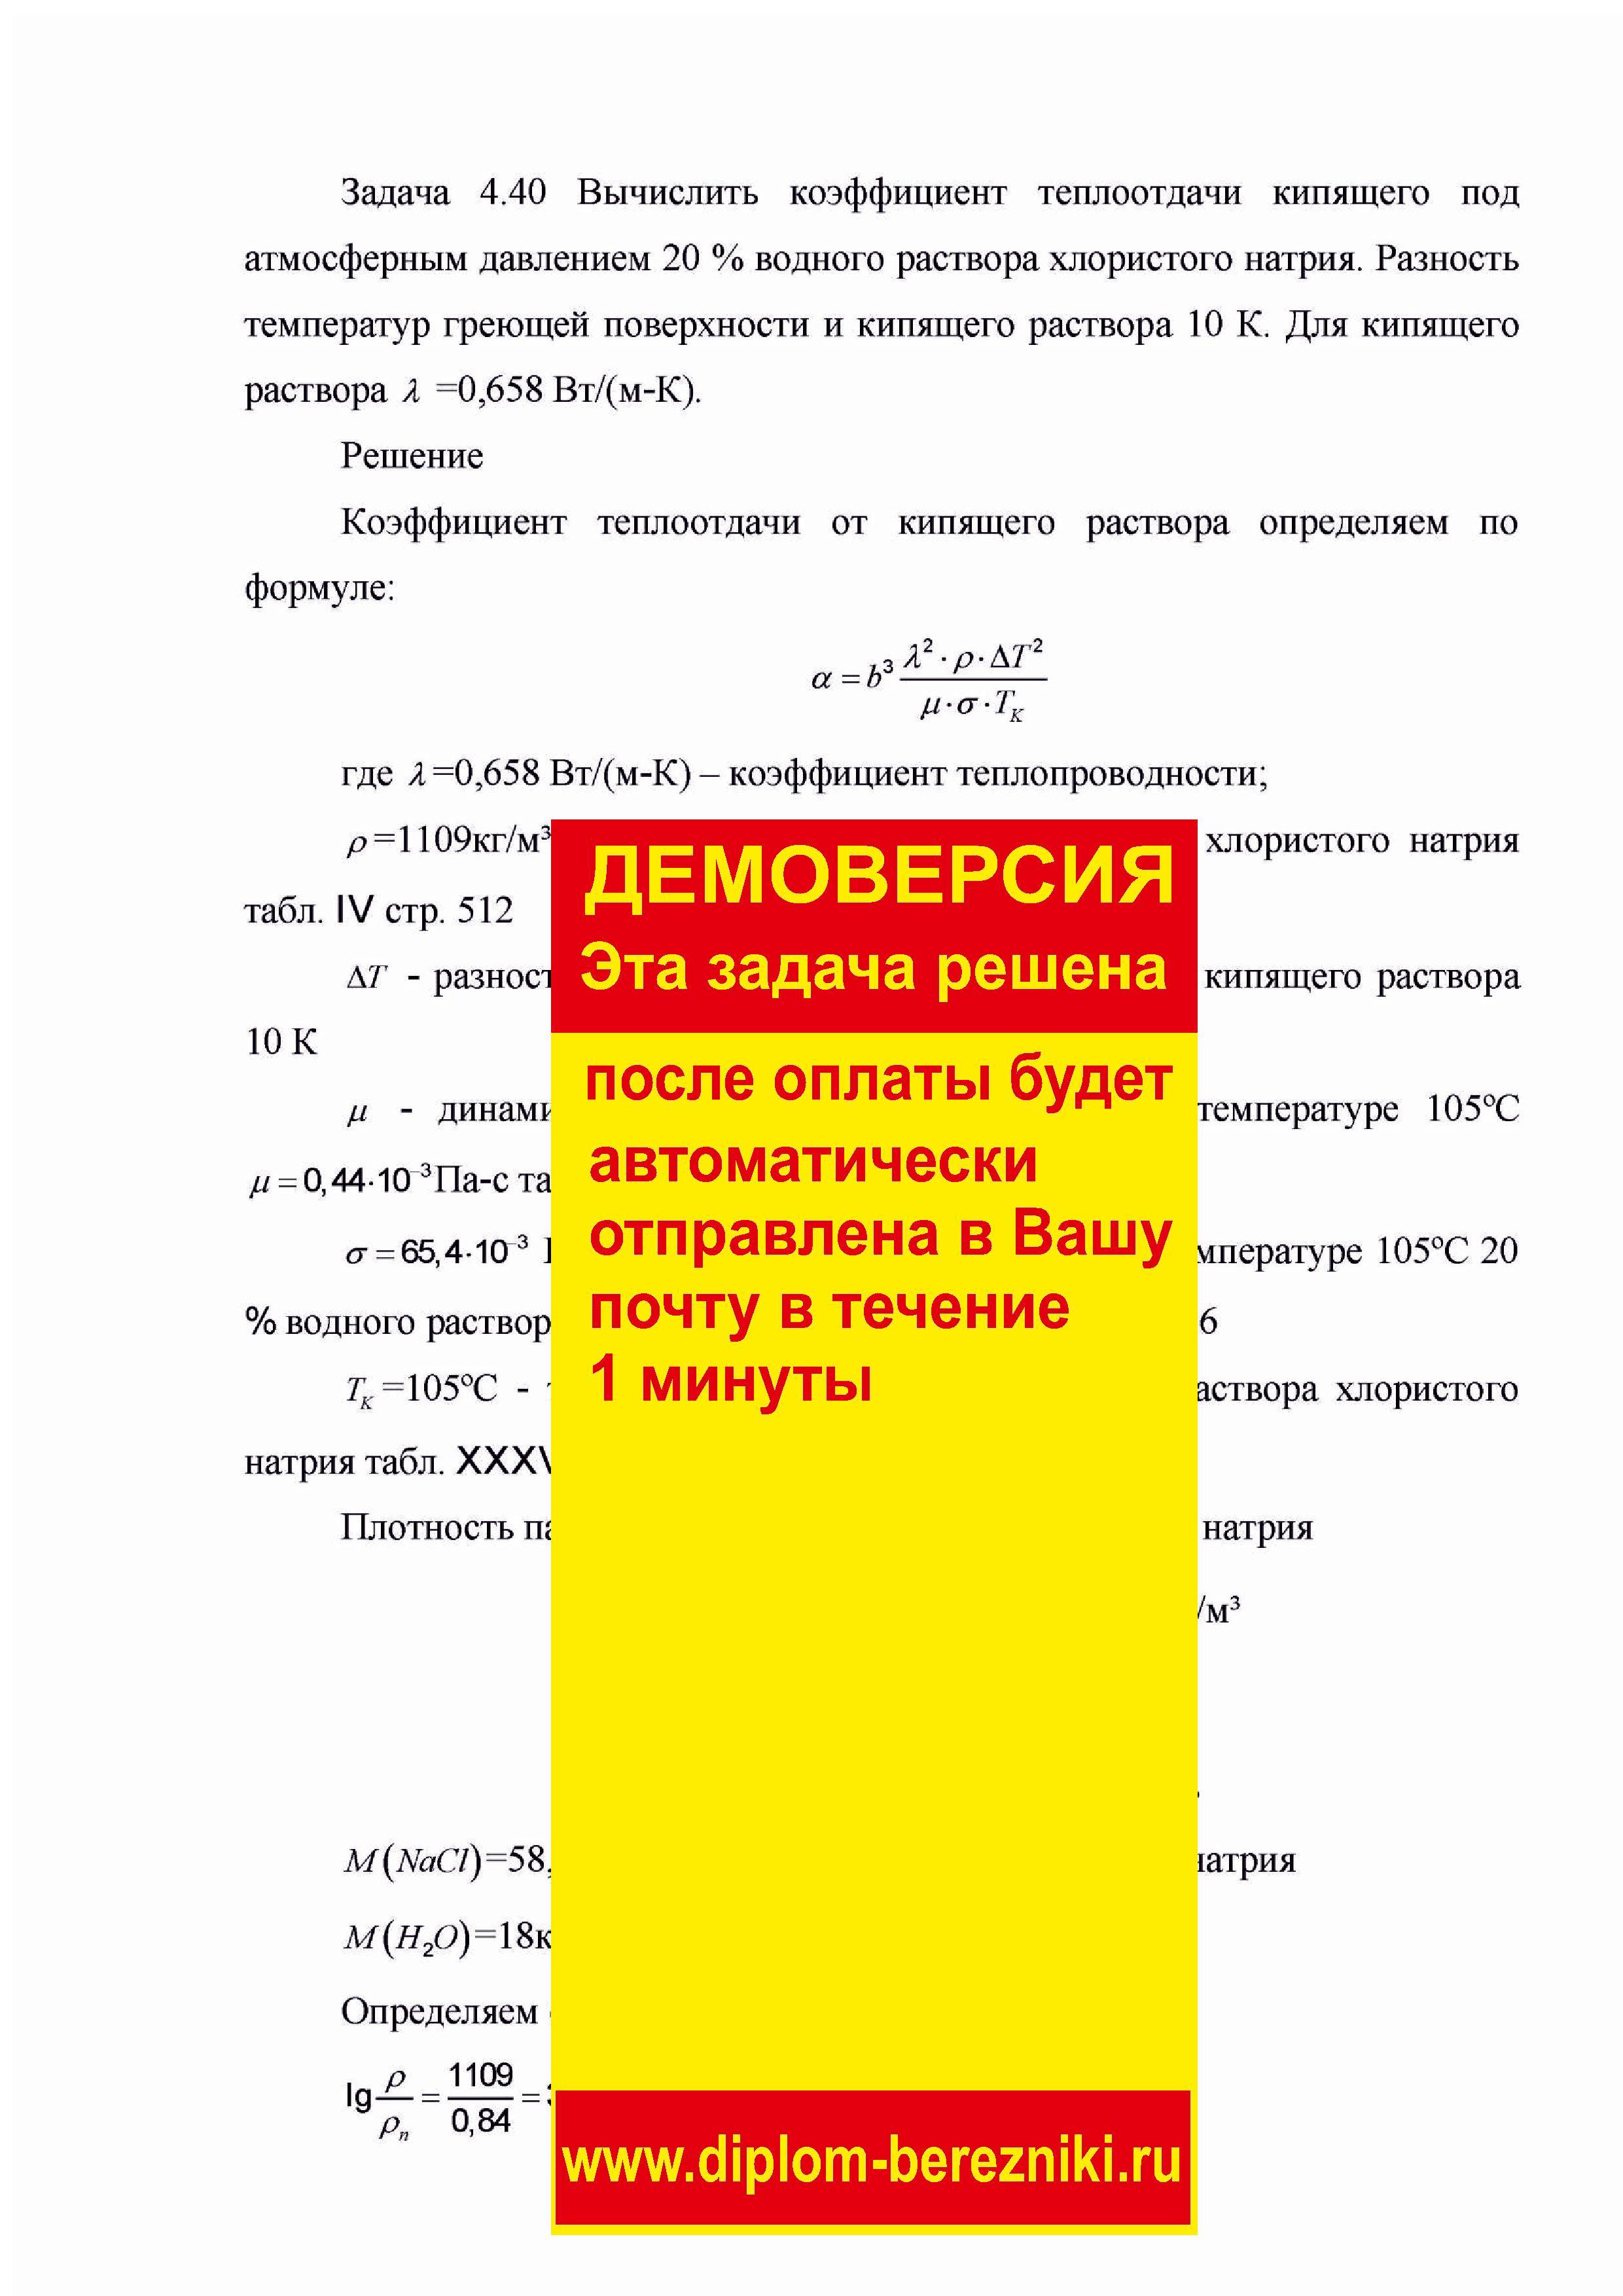 Решение задачи 4.40 по ПАХТ из задачника Павлова Романкова Носкова